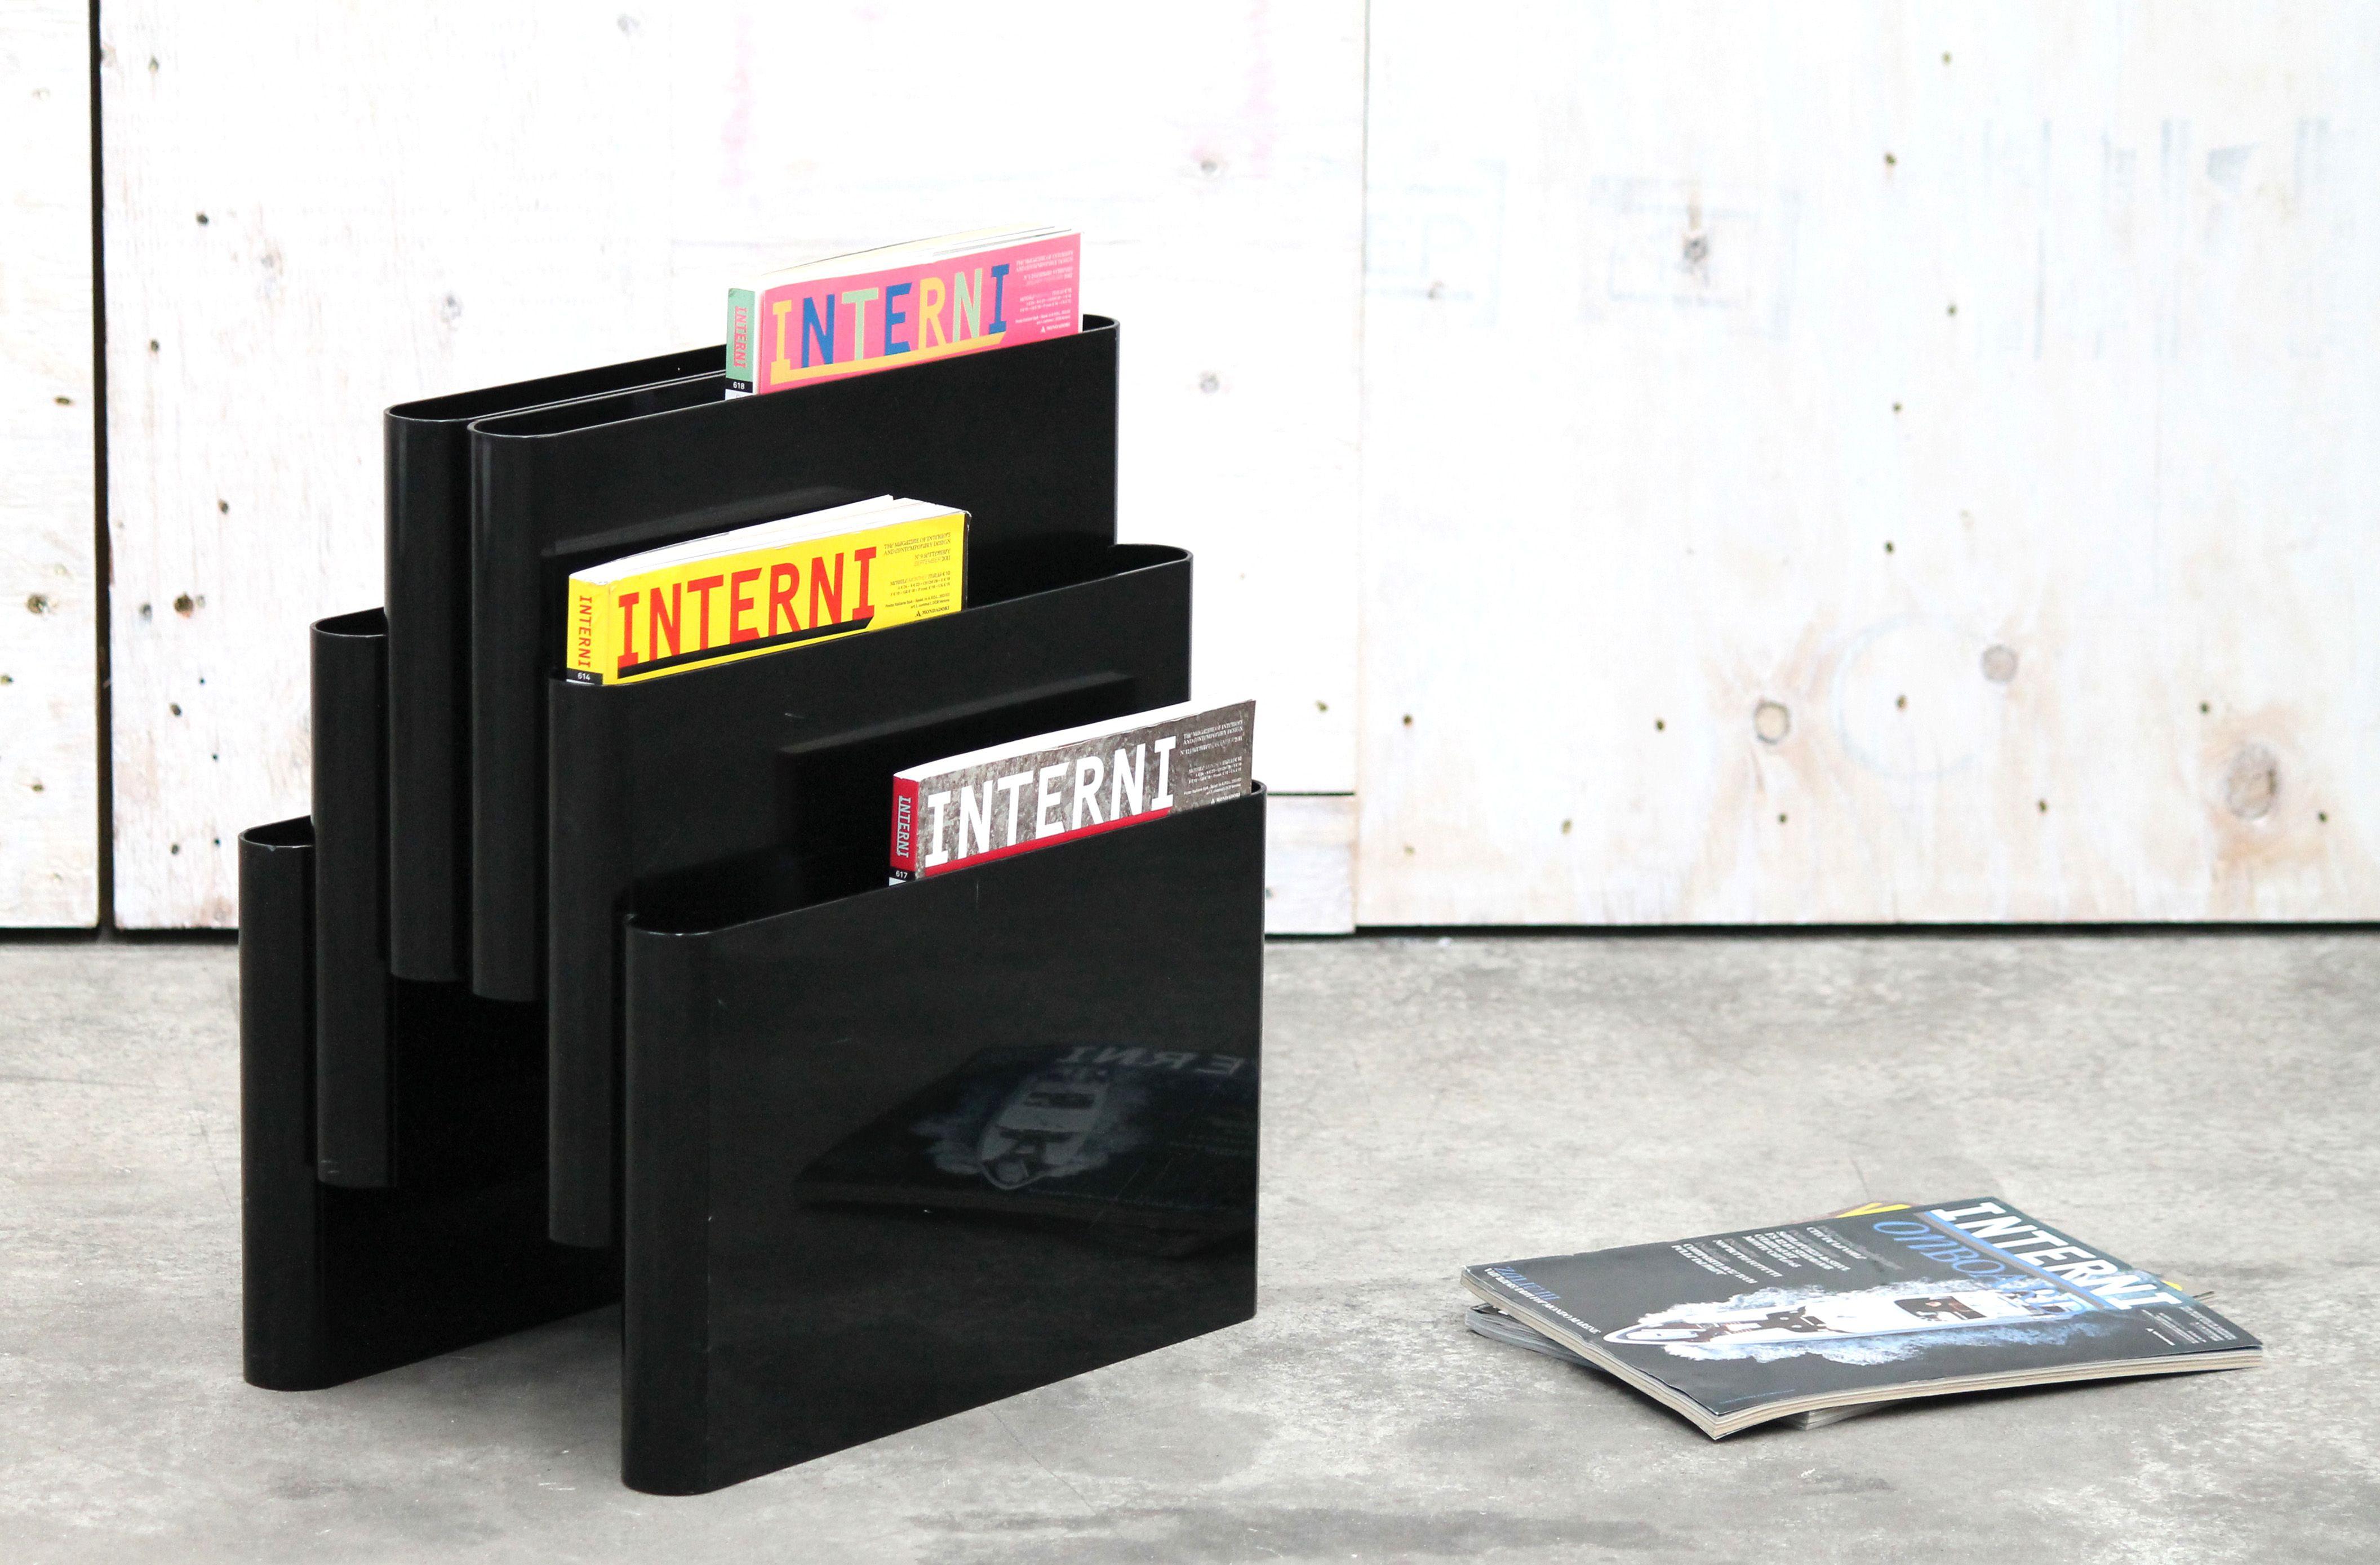 Portariviste di KARTELL, design di GIOTTO STOPPINO anno 1972. Colore nero a sei tasche con foro-maniglia che ne facilita la presa. Un classico del design italiano che fa parte della storia della KARTELL. GIOTTO STOPPINO, architetto e designer italiano, è tra i primi a sperimentare la plastica nell'industrial design.